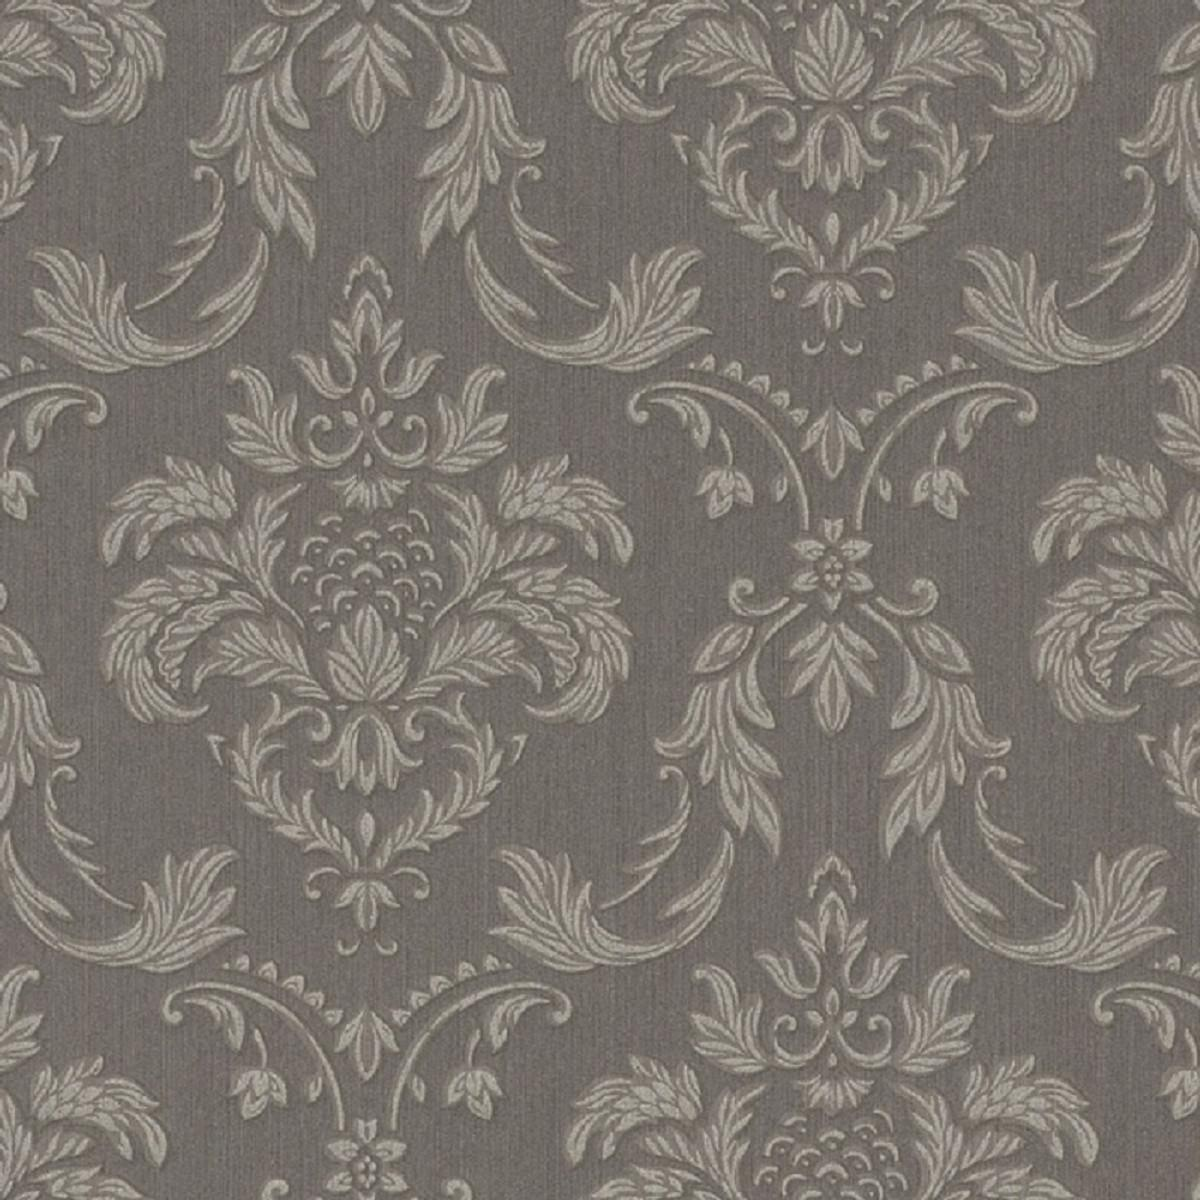 Muster Vliestapete Wohnzimmer